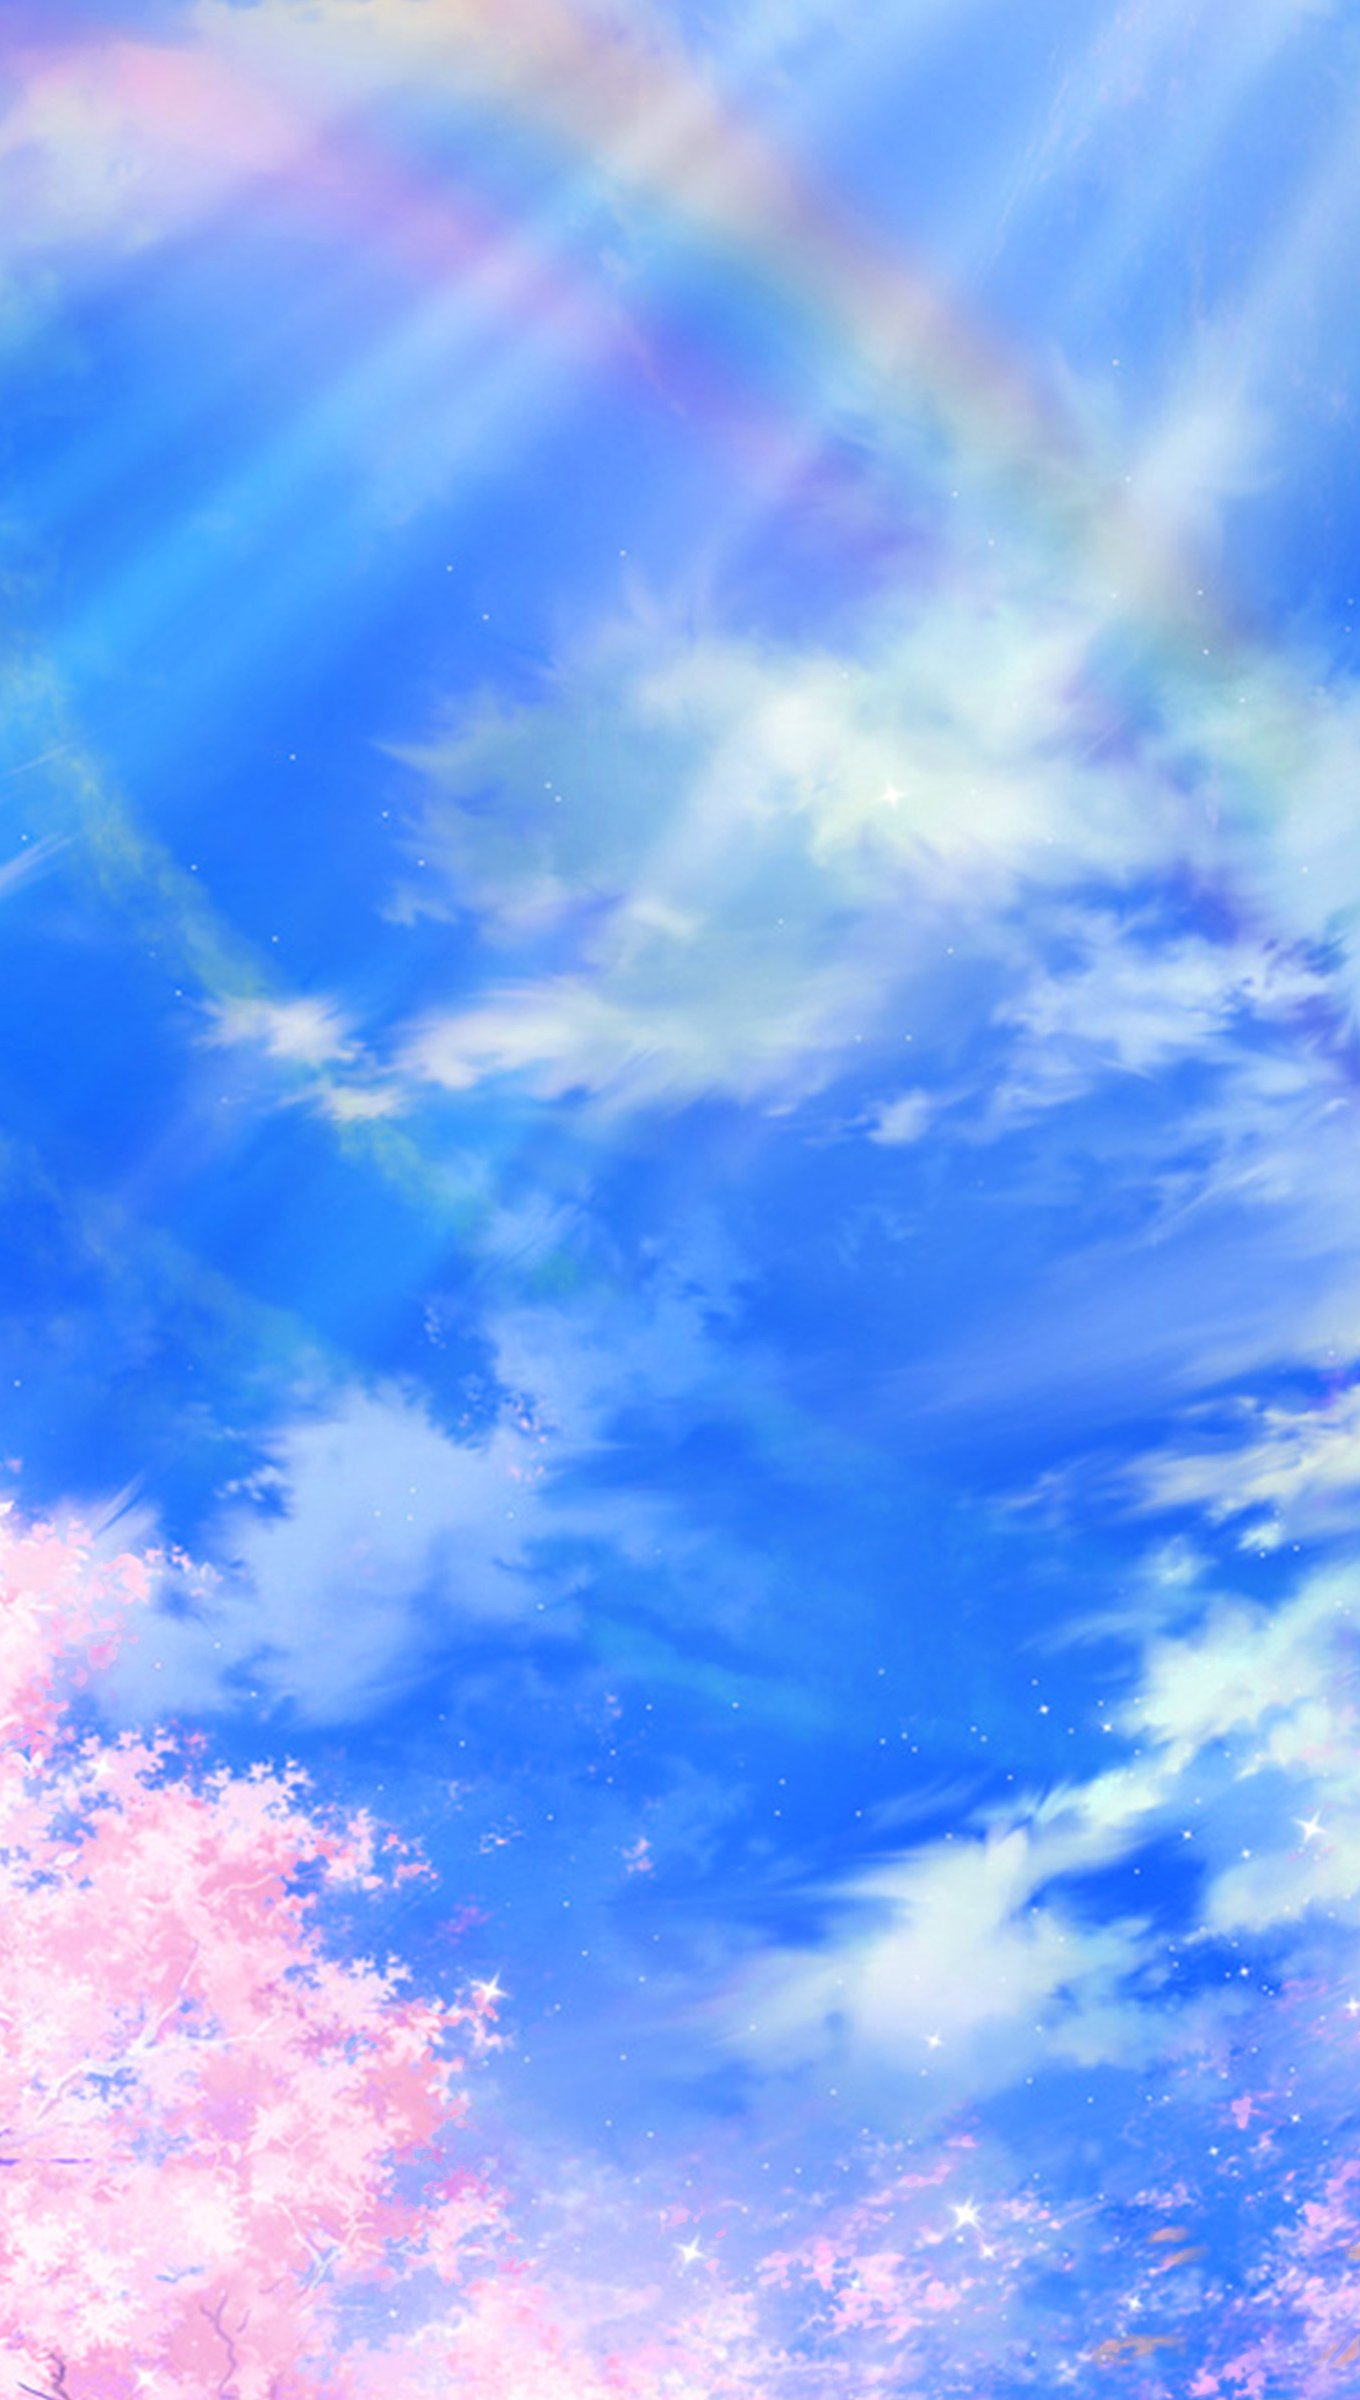 Fondos de pantalla Ilustración de primavera nubes cielo anime Vertical